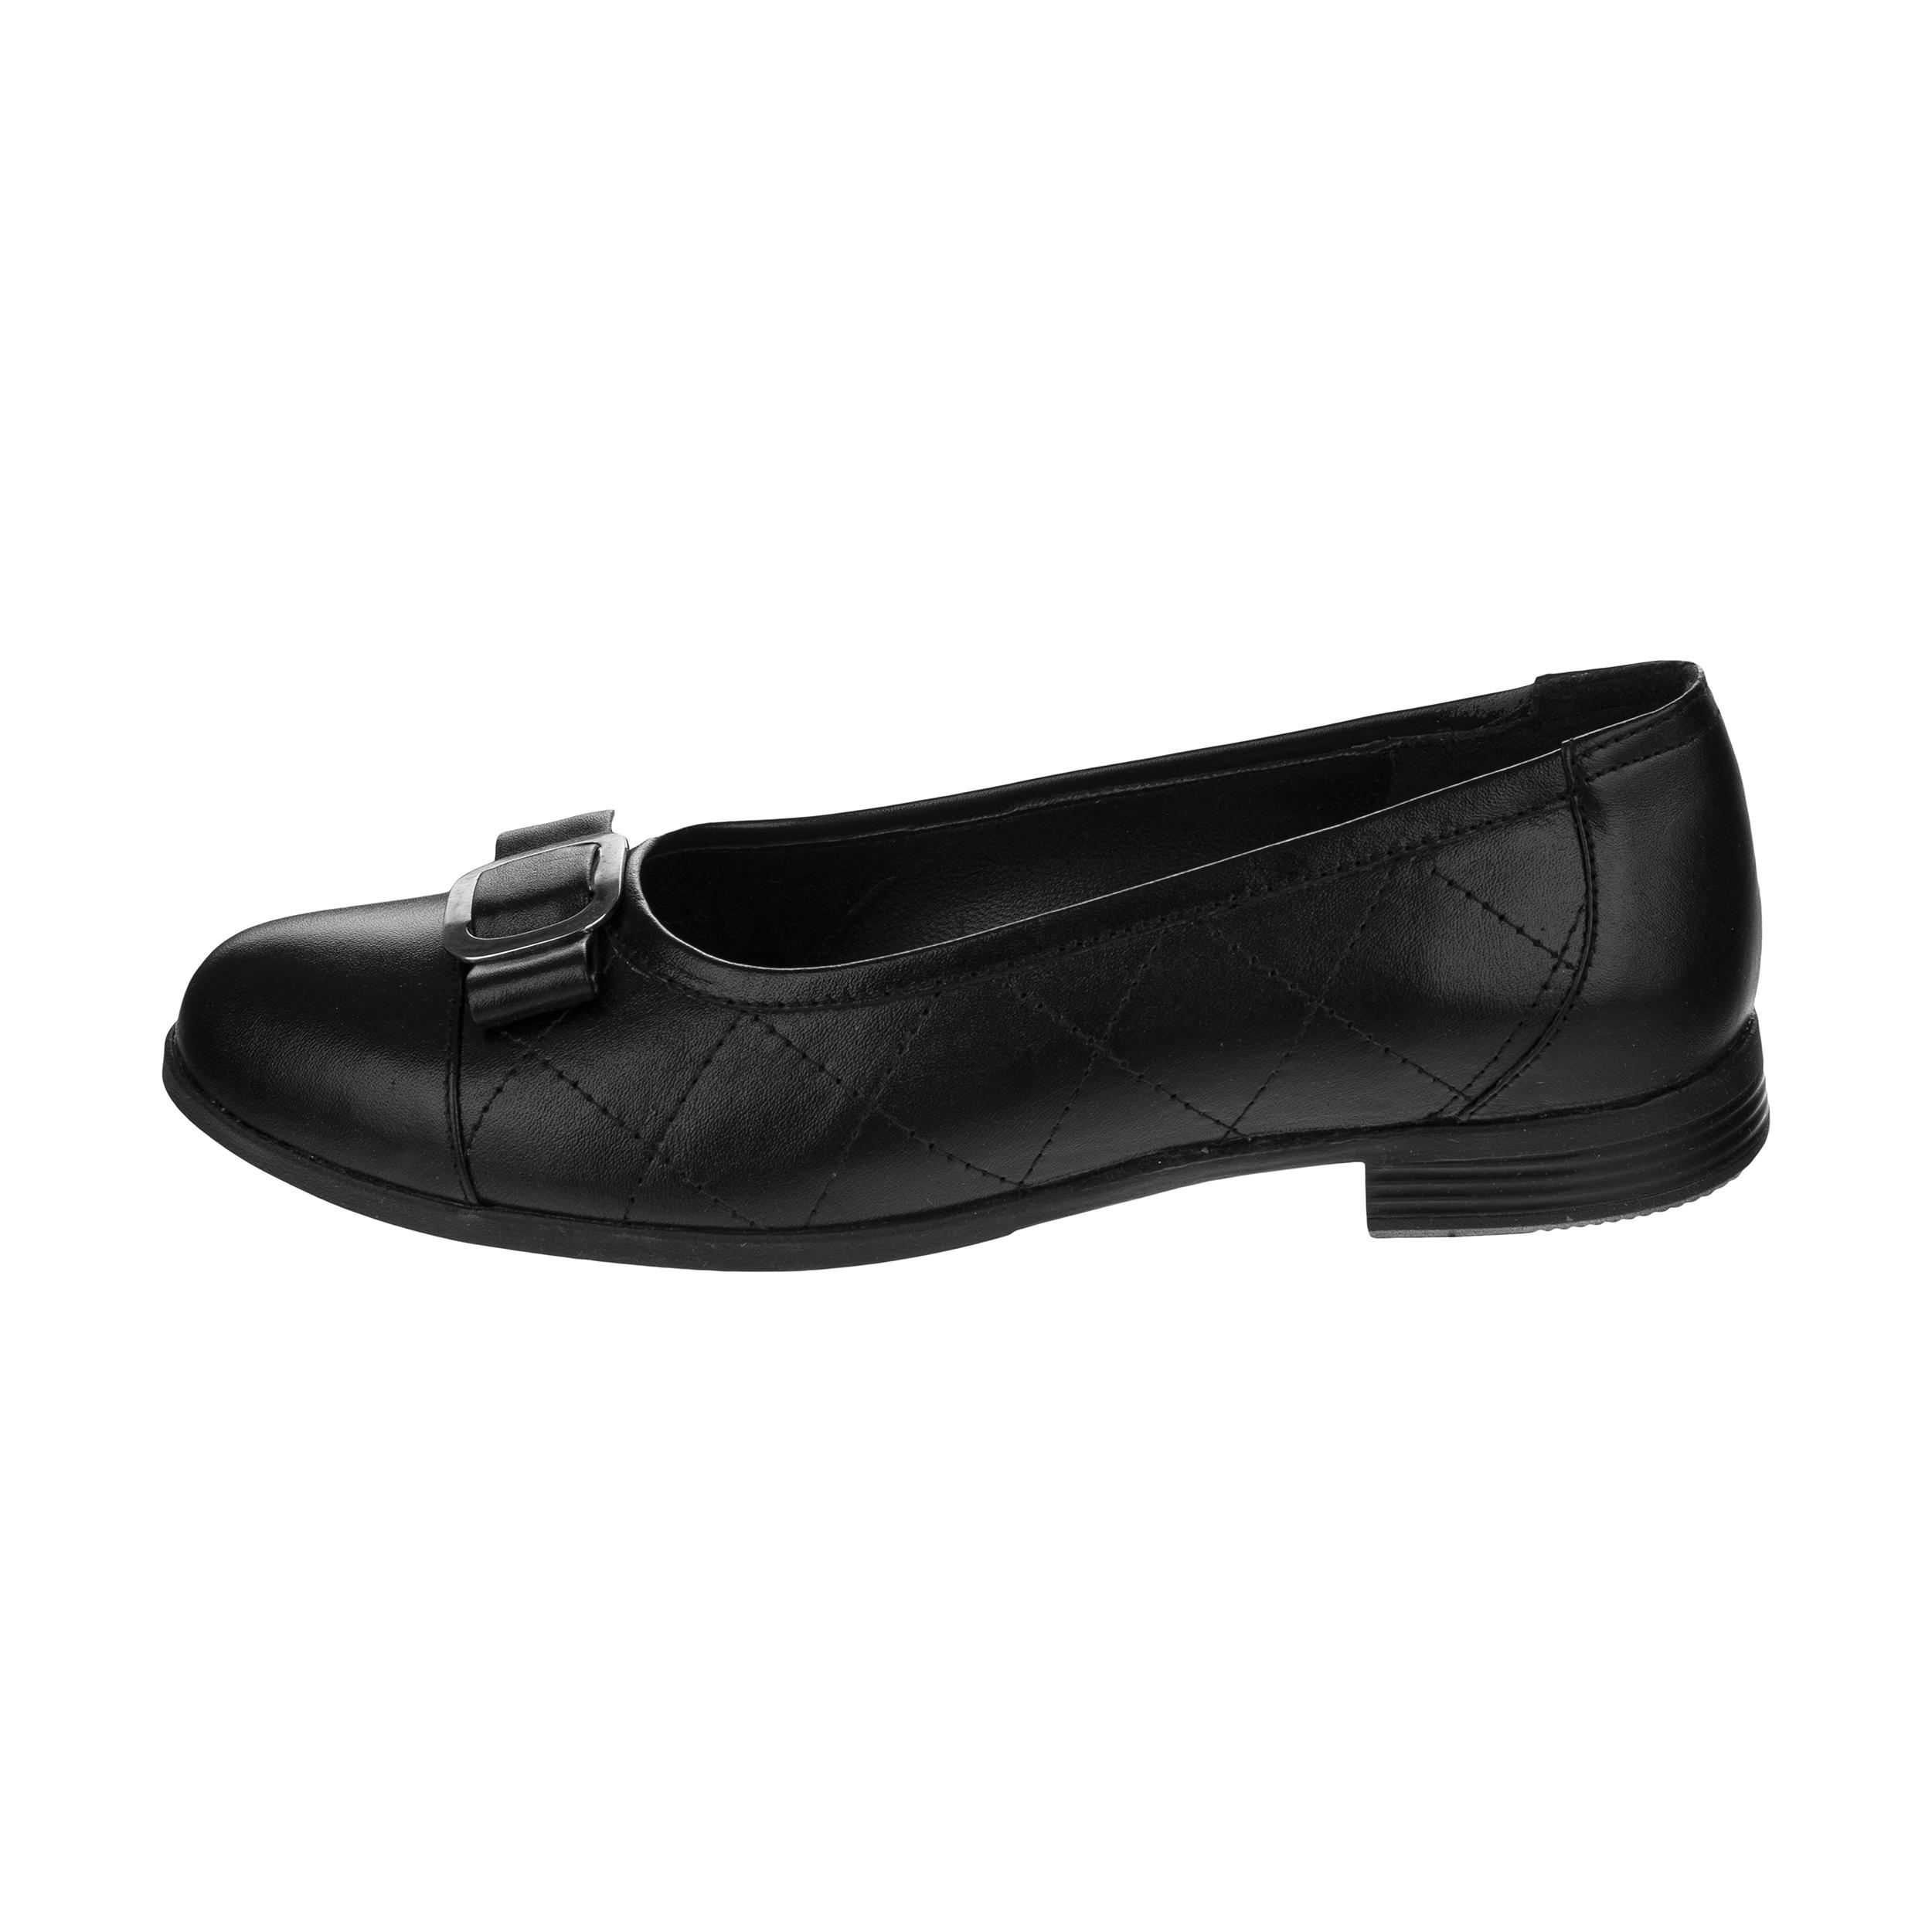 کفش تخت زنانه سوته مدل 5596H500101